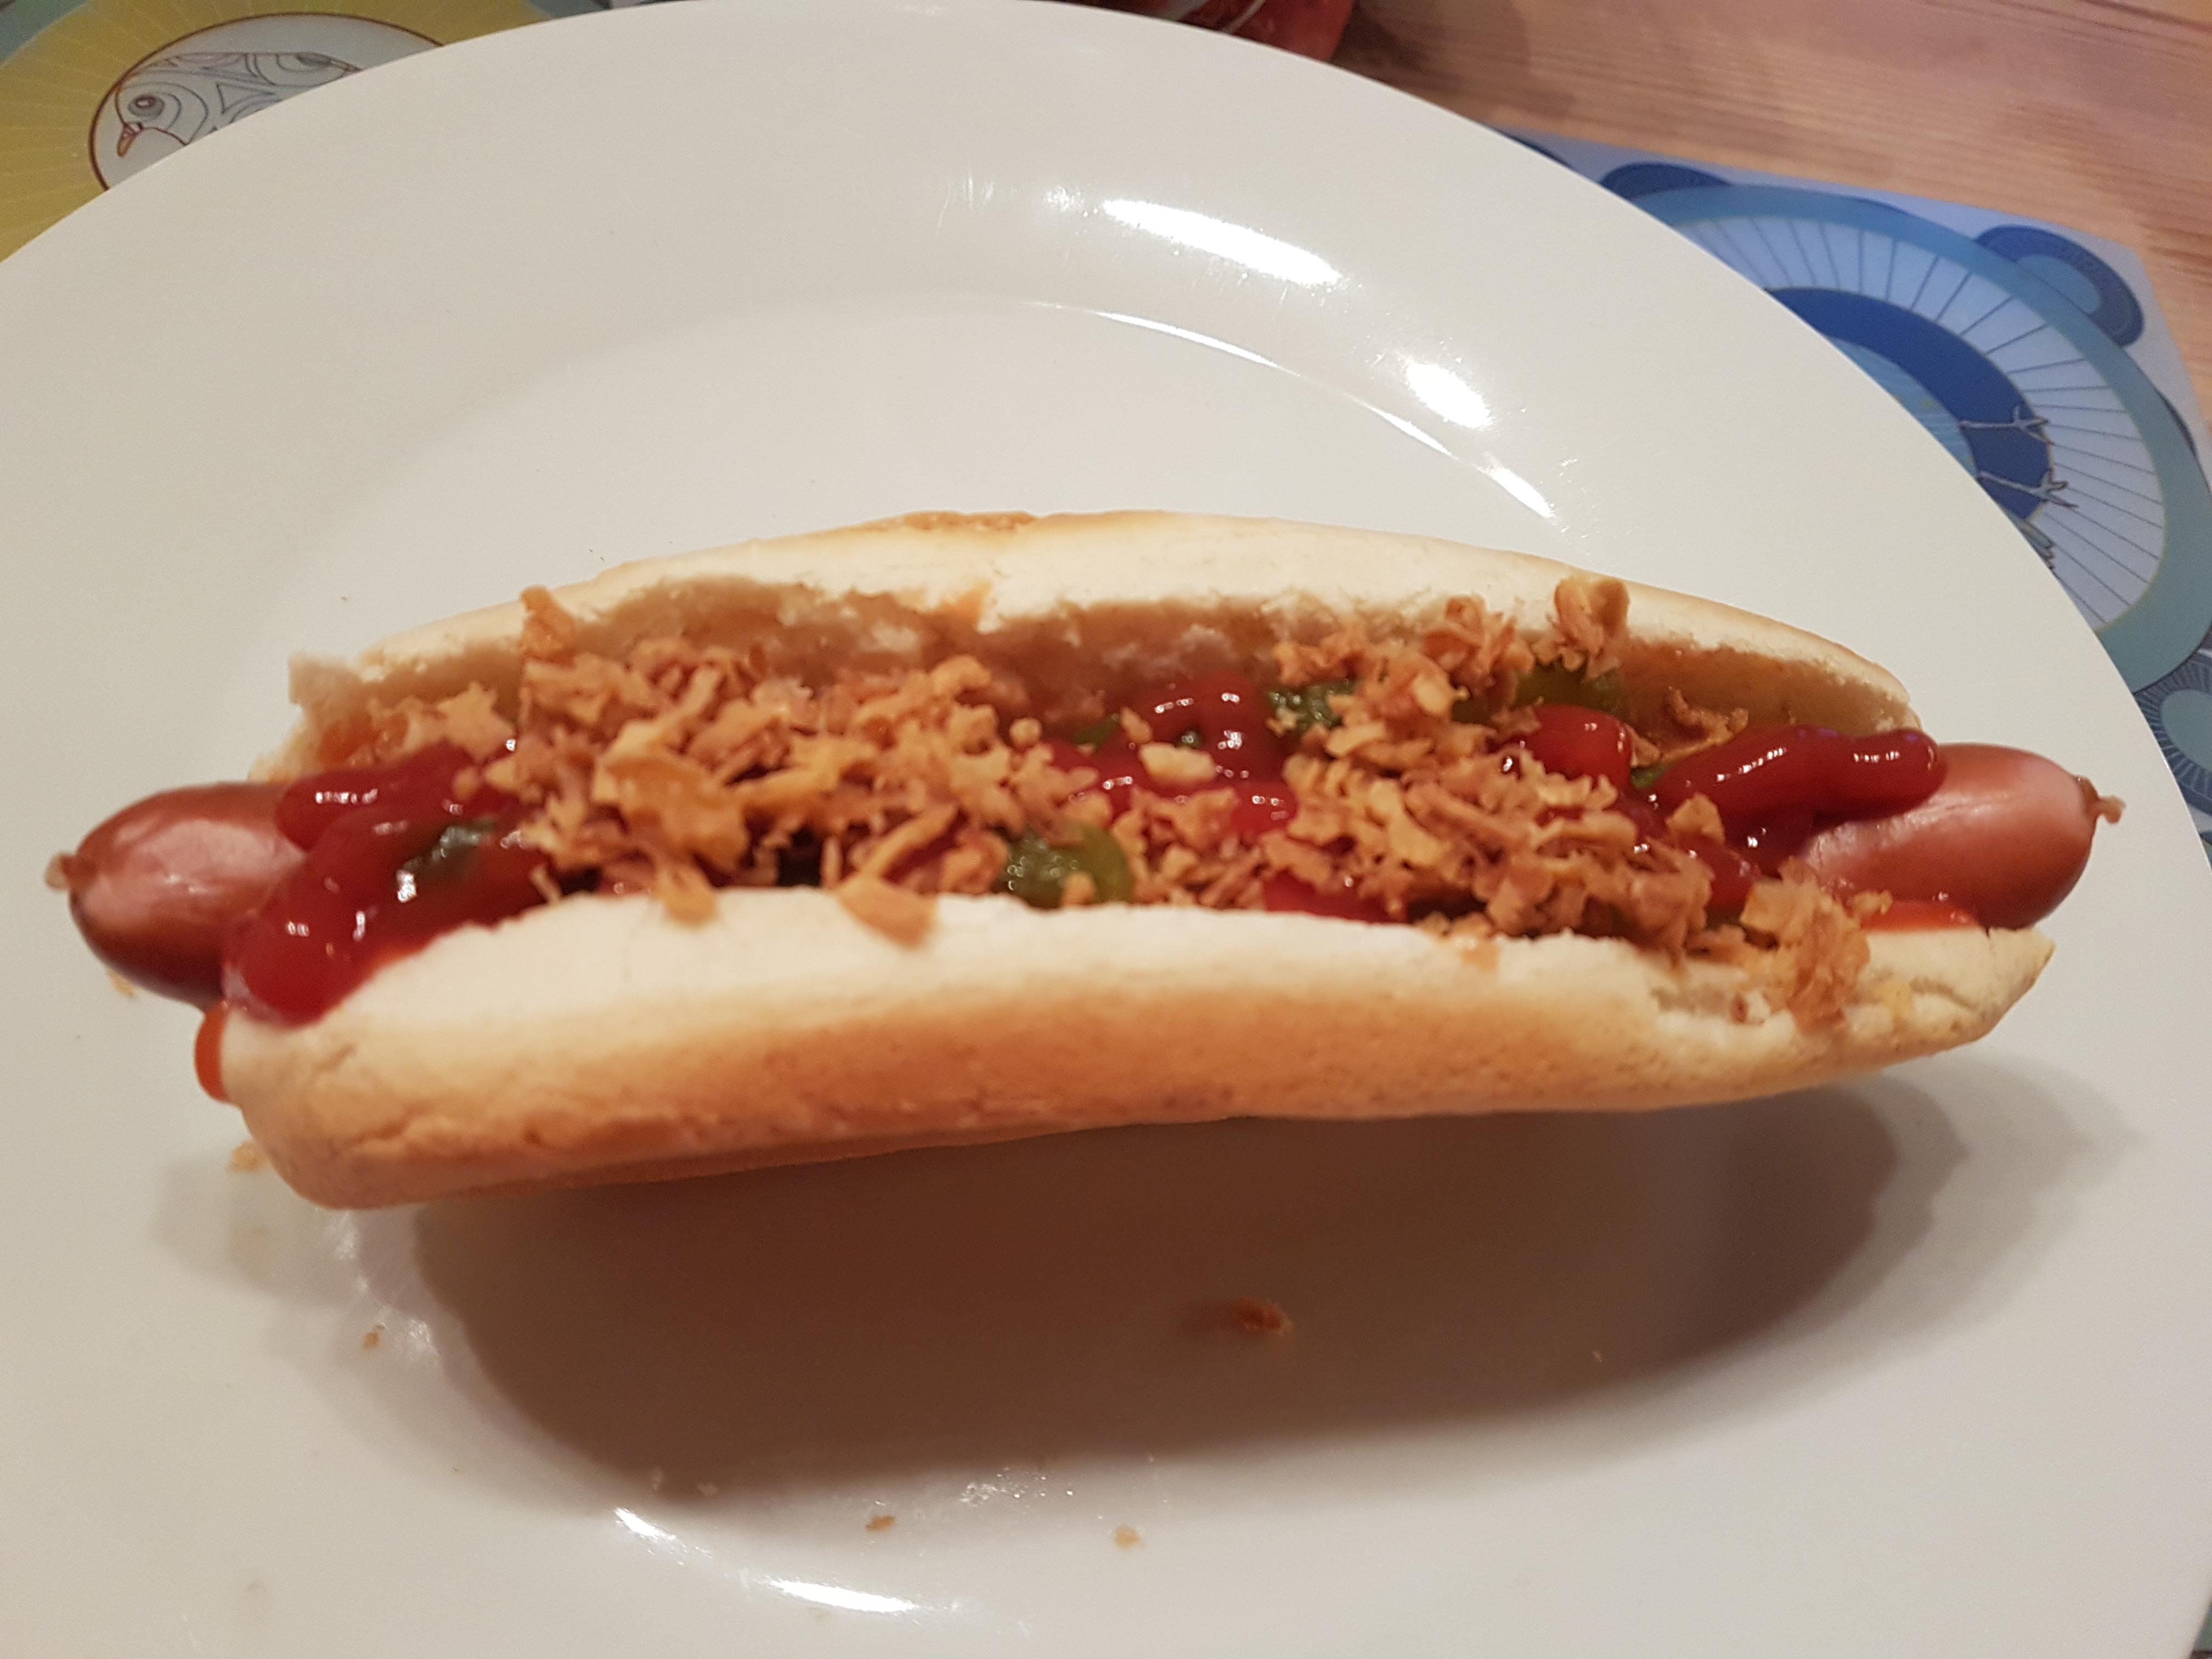 https://foodloader.net/Holz_2018-12-22_Hot-Dog.jpg